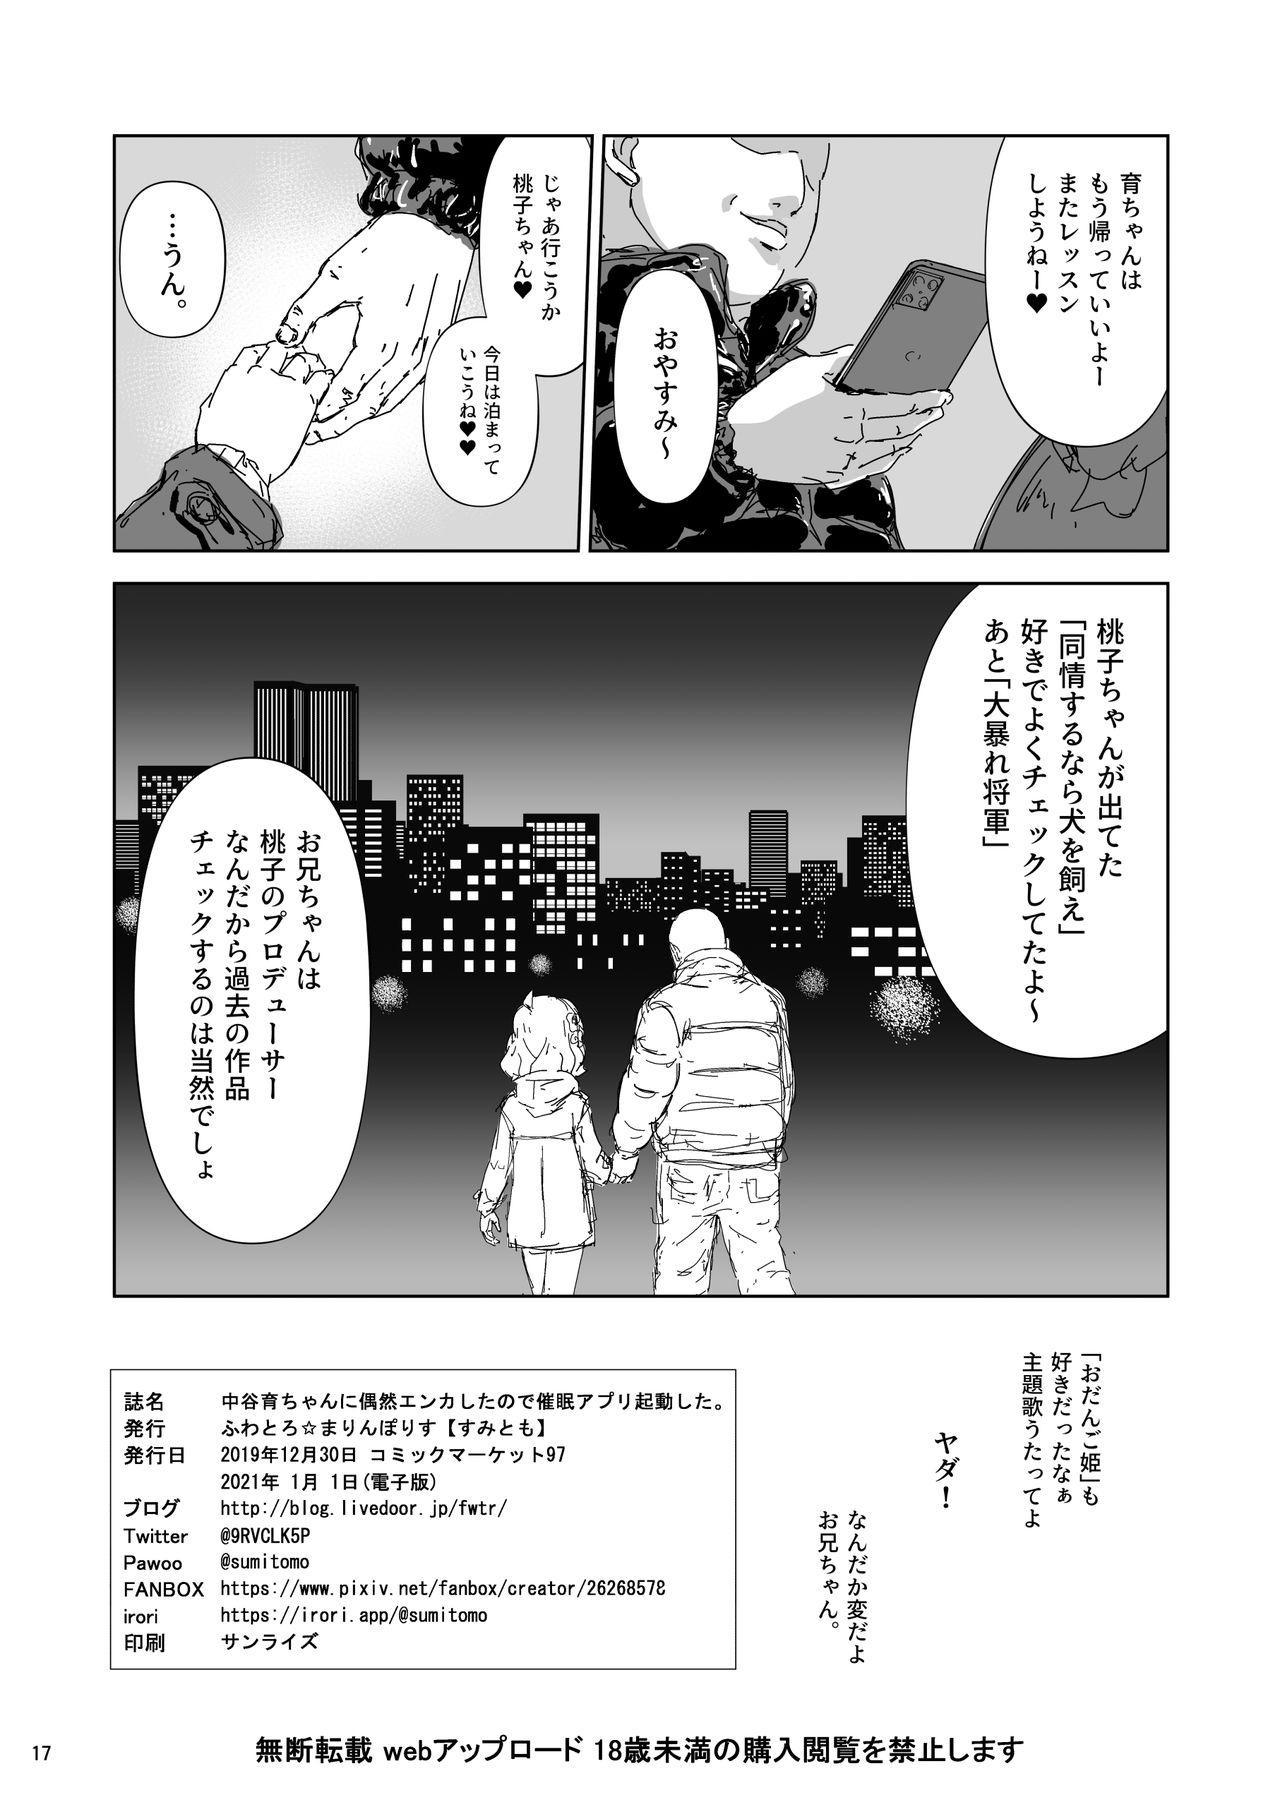 Nakatani Iku-chan ni gūzen enka shitanode saimin apuri kidō shita. 16